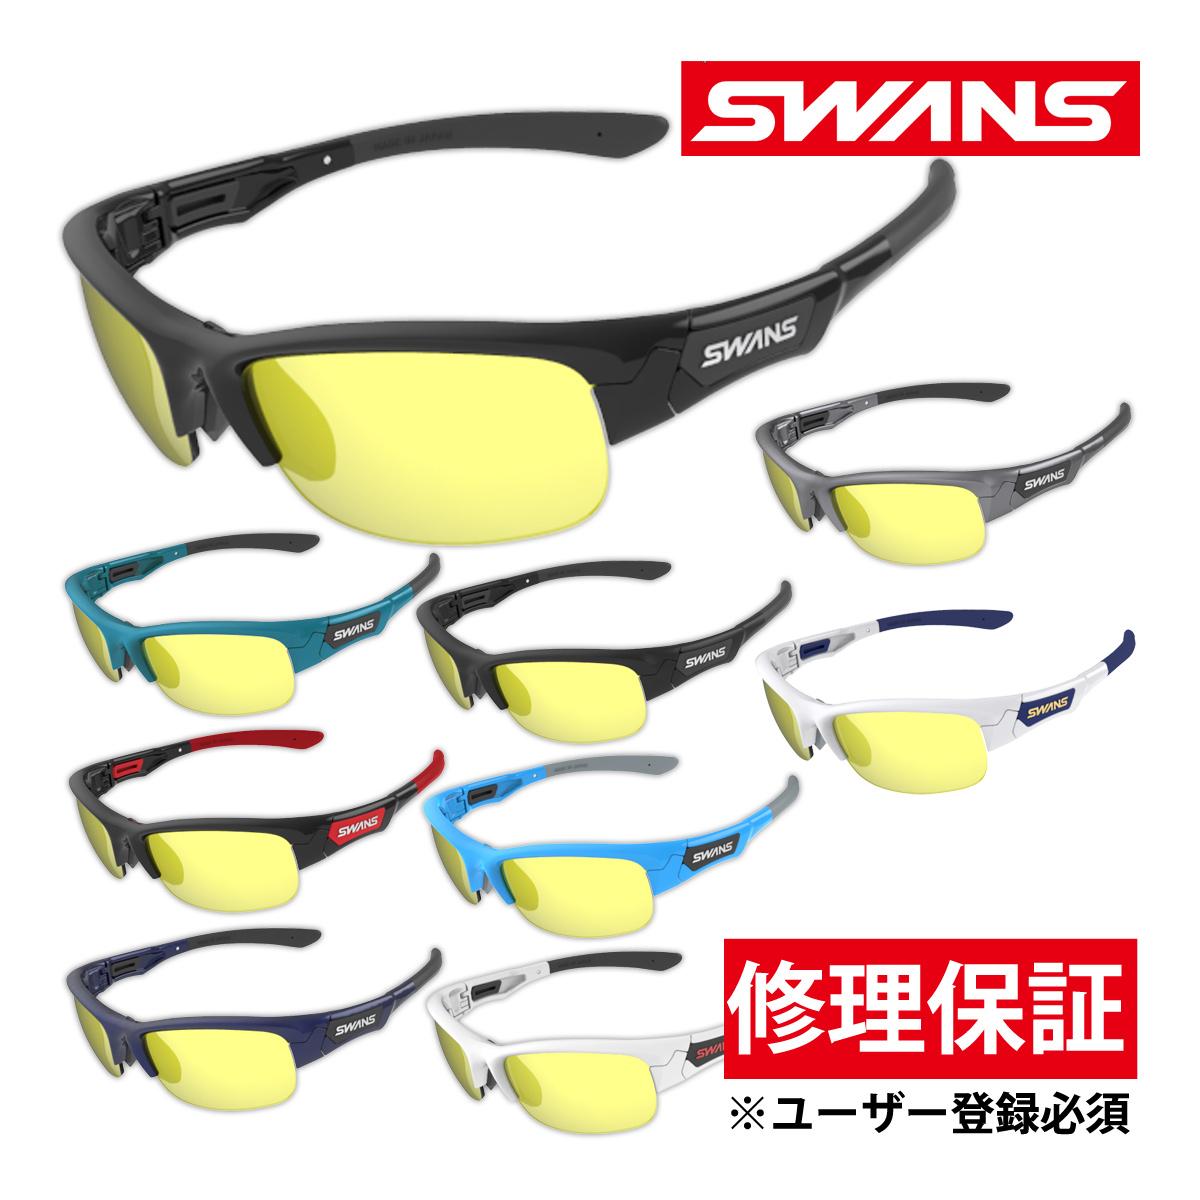 サングラス ミラーレンズ イエローミラー×スモーク ドライブ ゴルフ スポーツ メンズ レディース SPRINGBOK F-SPB フレーム+L-SPB-1601 SM/Y おすすめ 人気 SWANS スワンズ